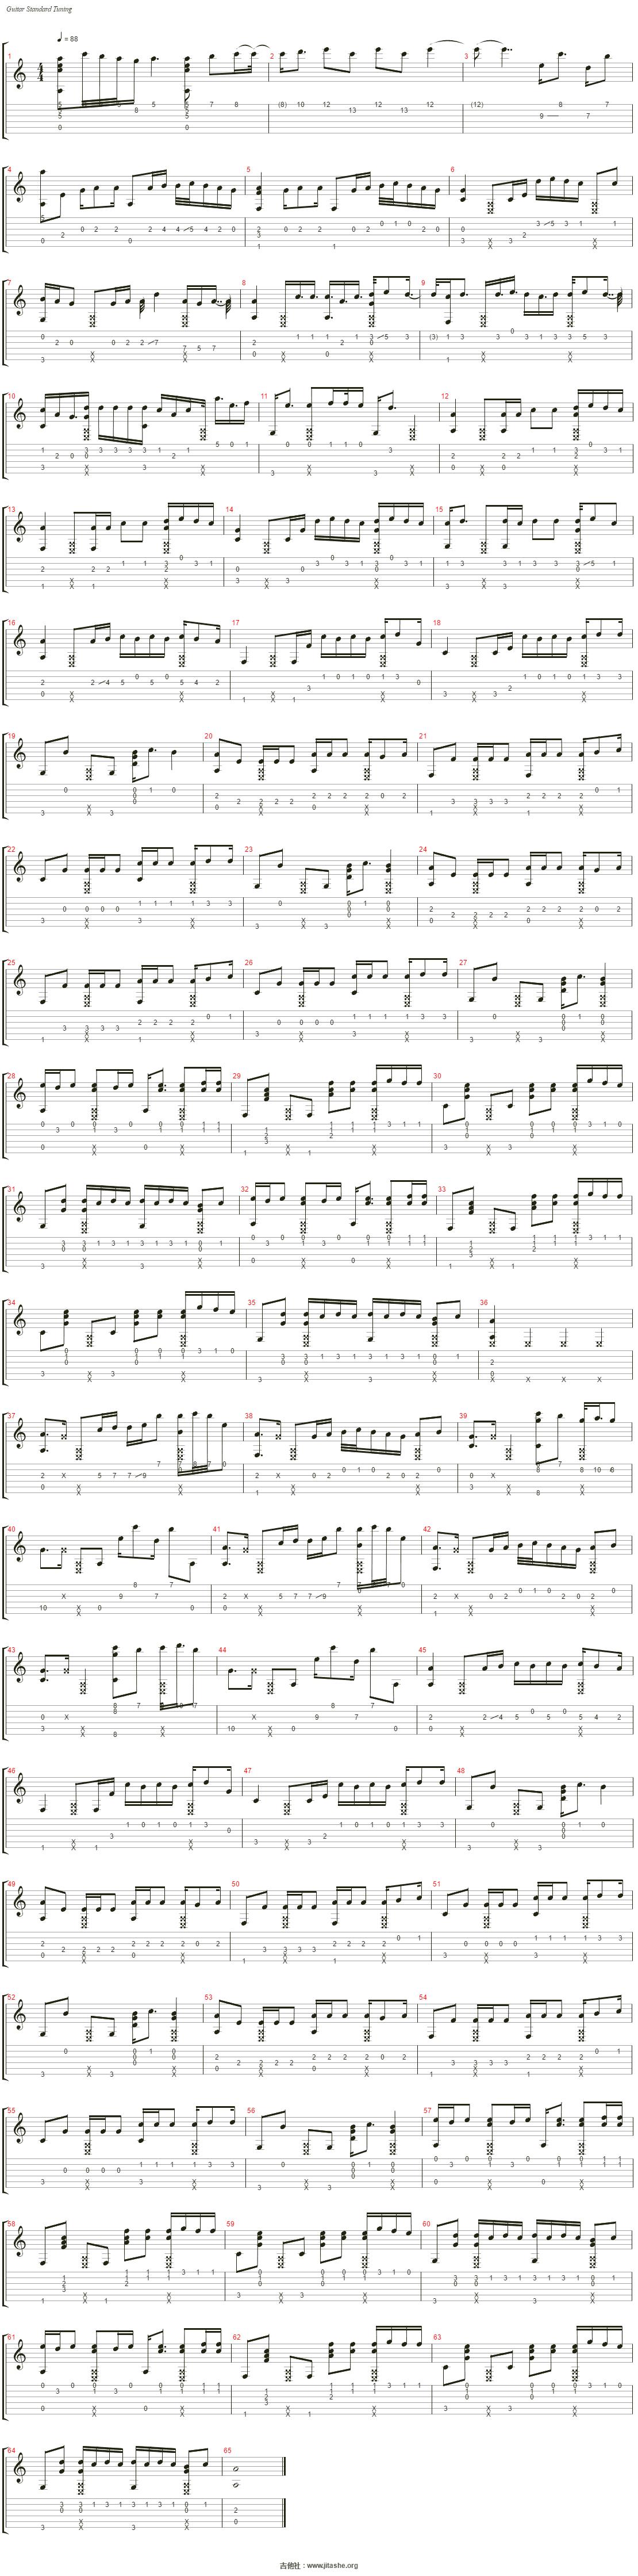 Despacito吉他谱(Steel Guitar)_Luis Fonsi